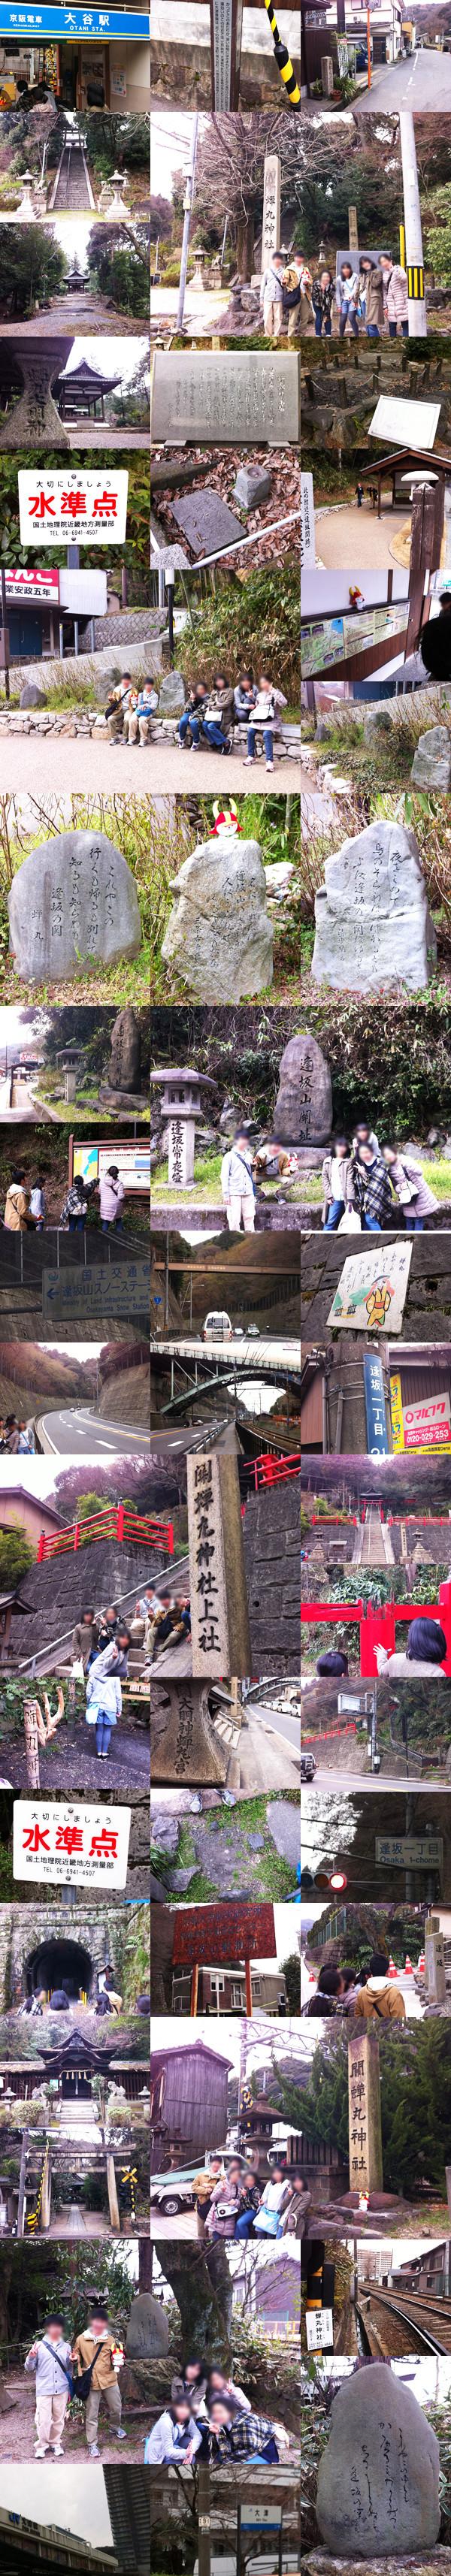 f:id:toshobu:20130326224024j:image